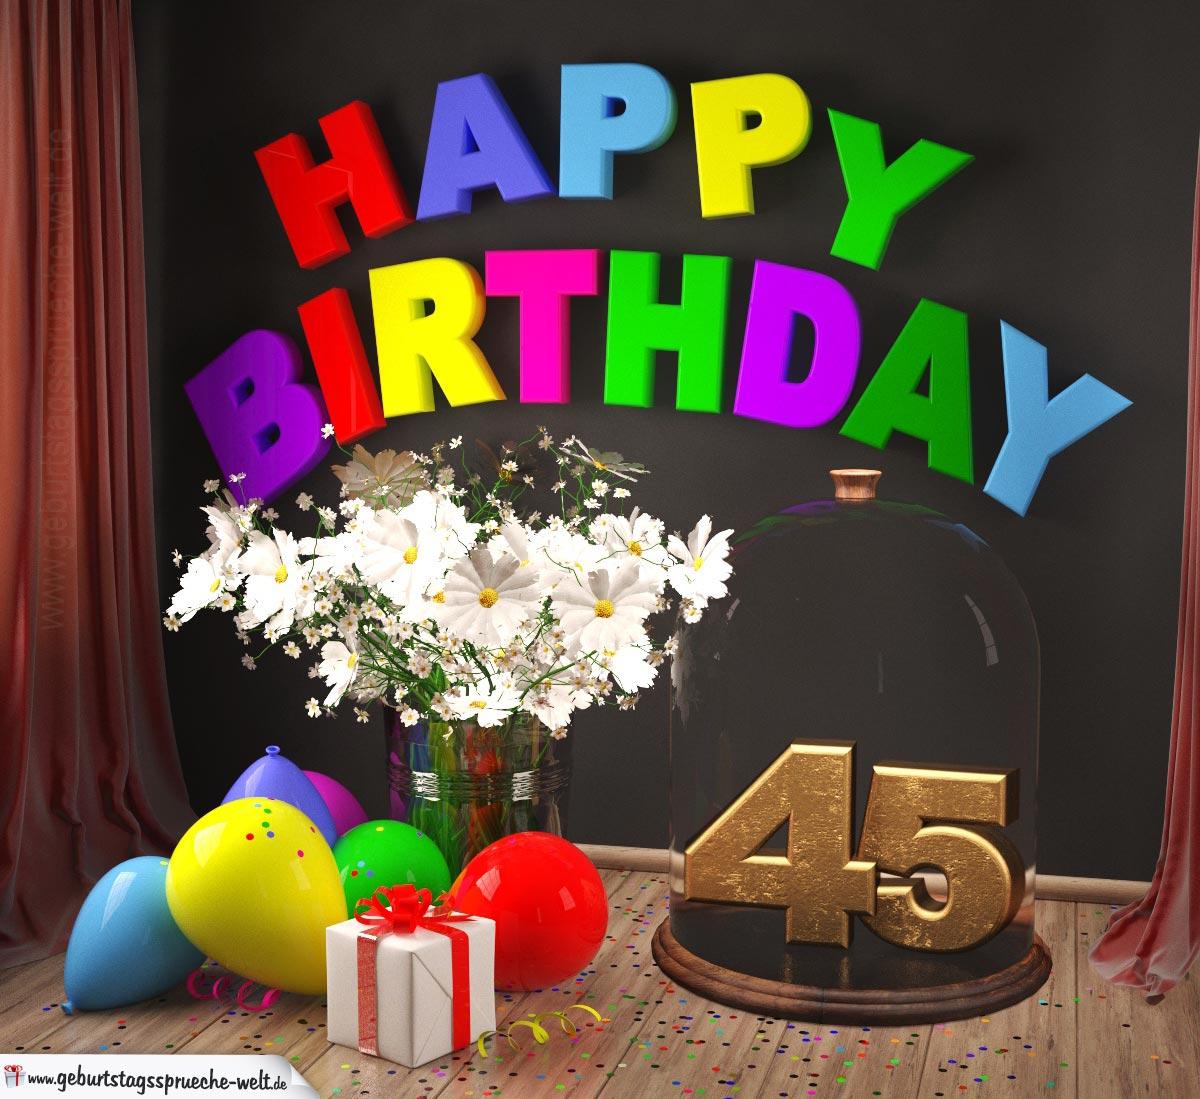 Happy Birthday 45 Jahre Glückwunschkarte mit Margeriten-Blumenstrauß, Luftballons und Geschenk unter Glasglocke